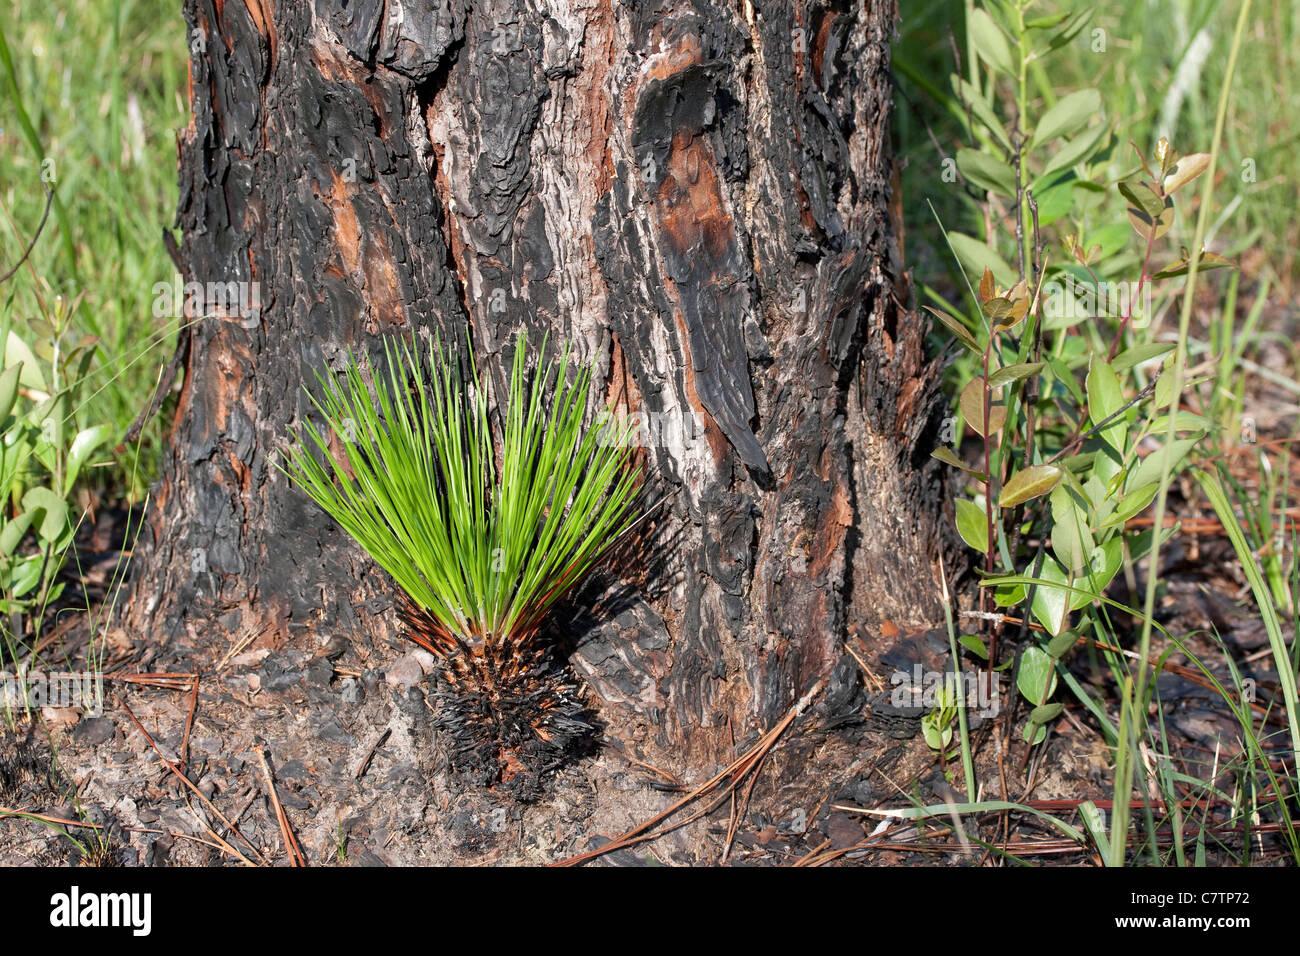 Longleaf Pine Pinus palustris cone germinating at base of mature Longleaf Pine Tree Florida USA - Stock Image